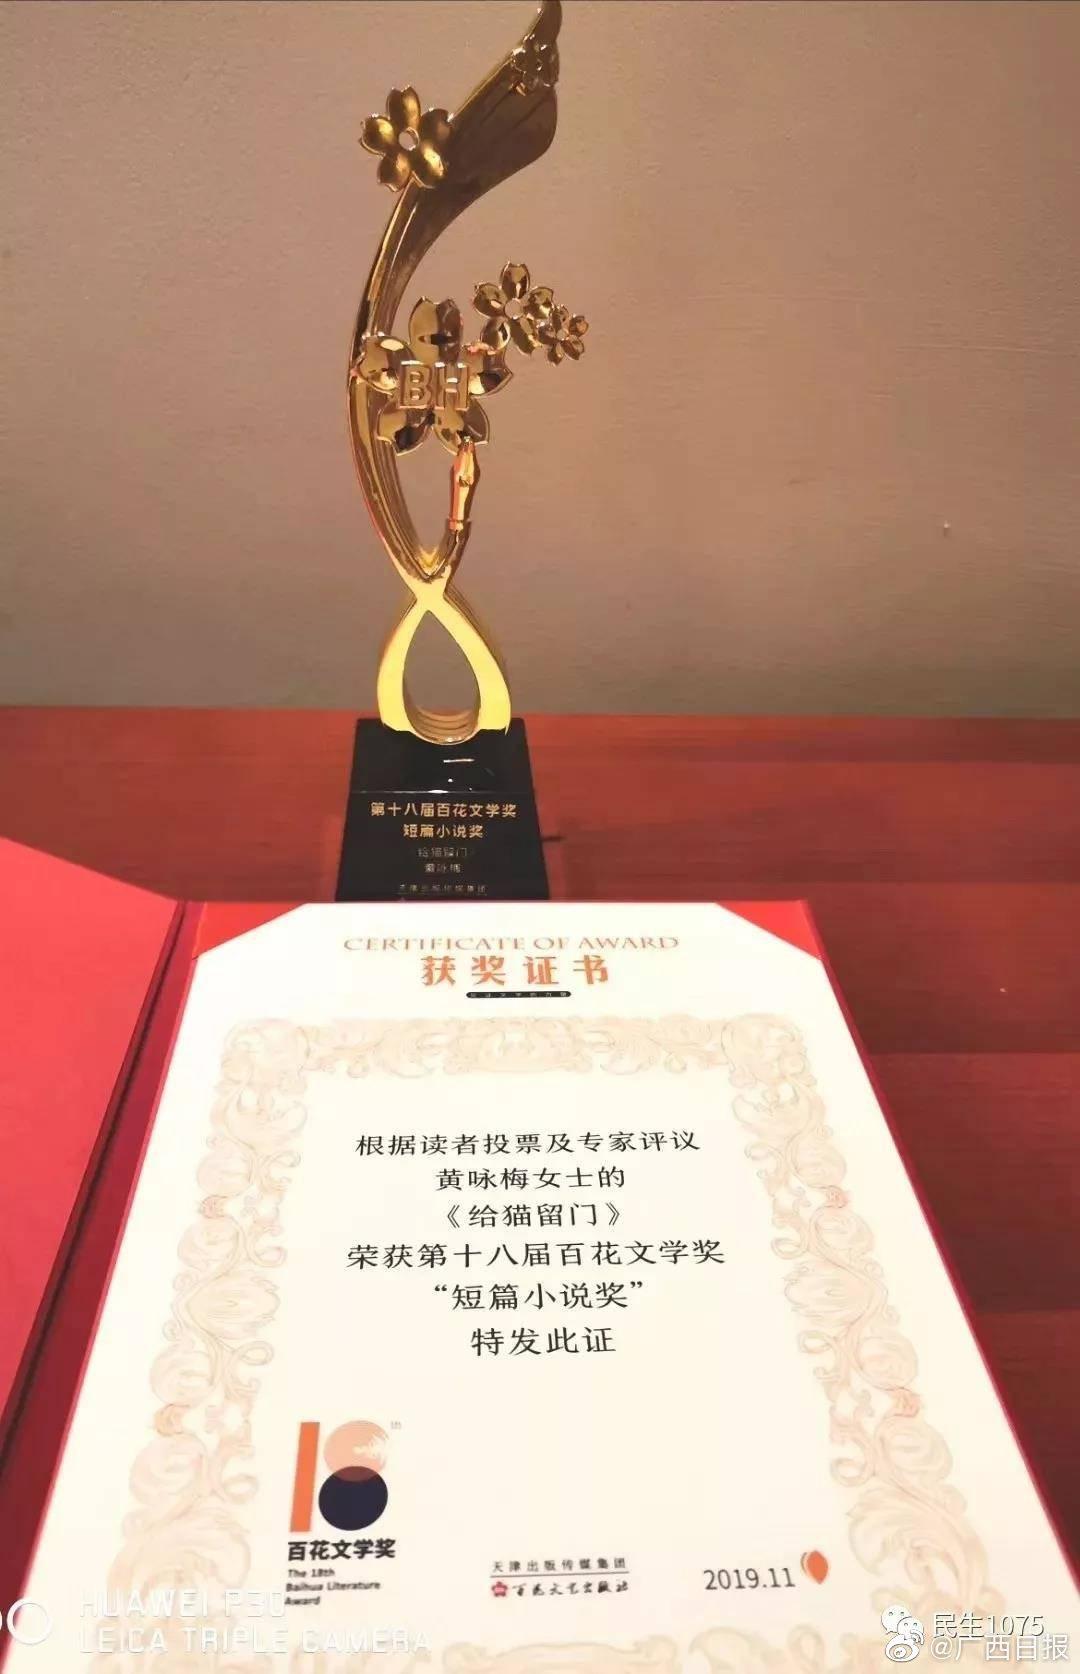 厉害了!广西妹子与莫言同获百花文学奖